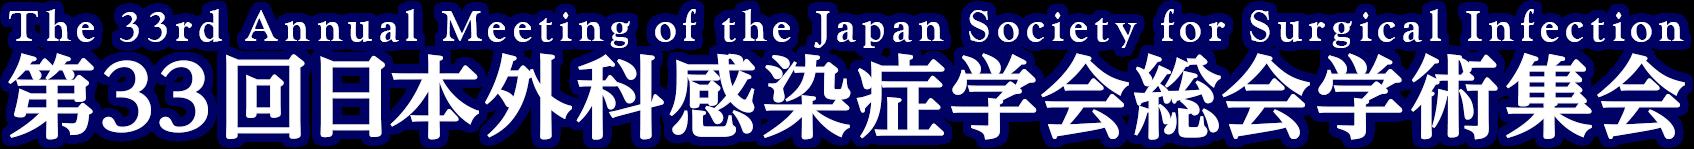 第33回日本外科感染症学会総会学術集会